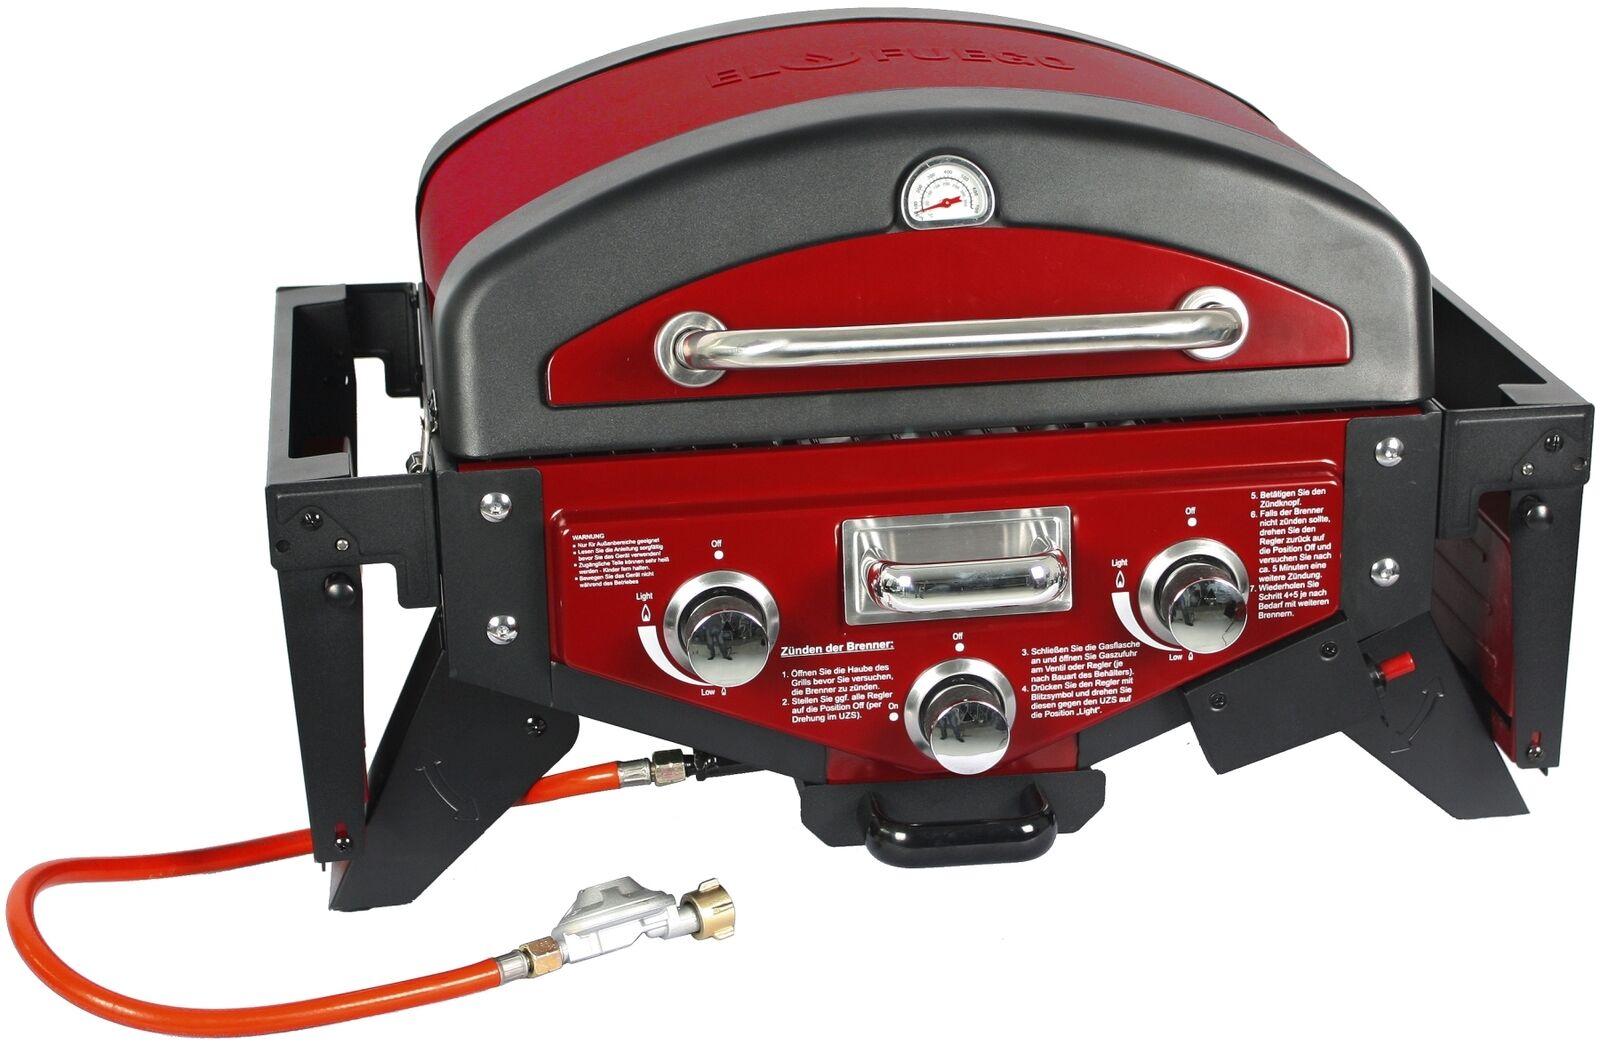 gasgrill grillstation edelstahl infrarot backburner 4. Black Bedroom Furniture Sets. Home Design Ideas